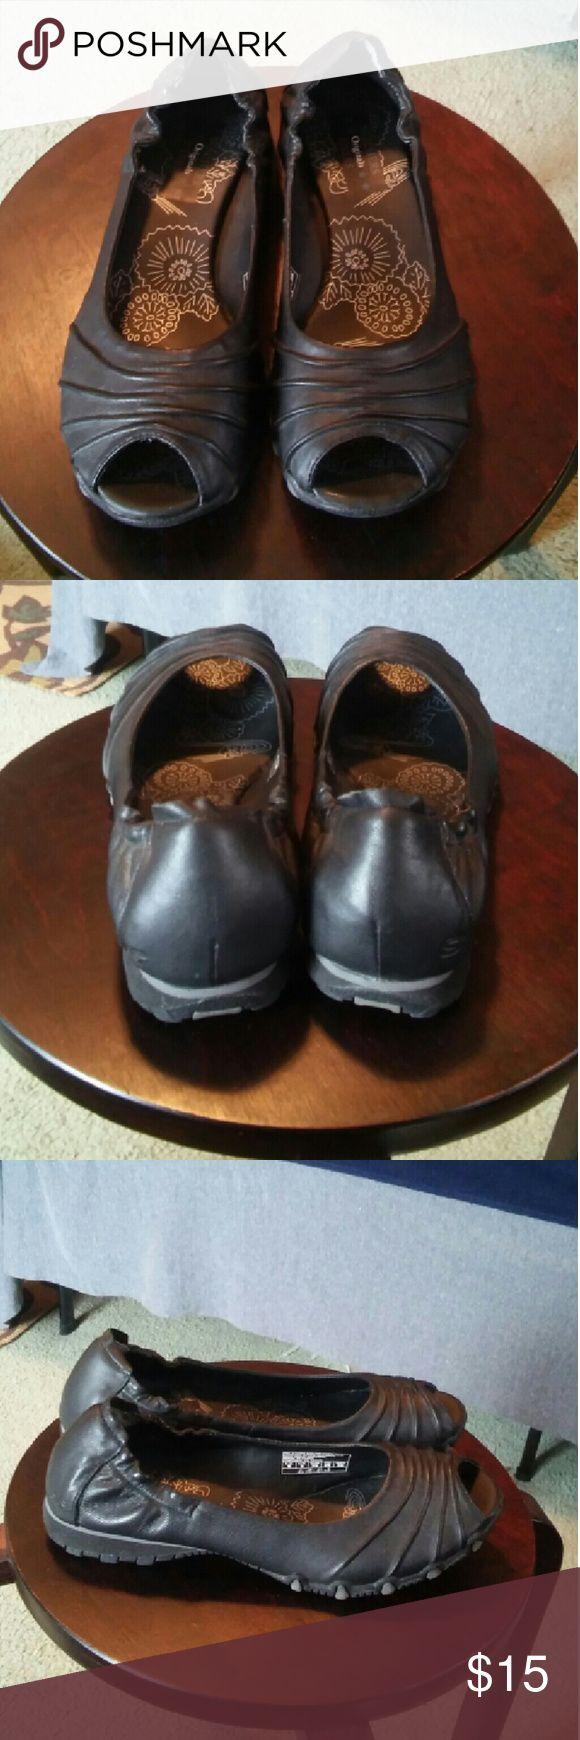 Skechers black leather slip on size 9 Euc cute Skechers bikers worn twice no scuffs Skechers Shoes Flats & Loafers